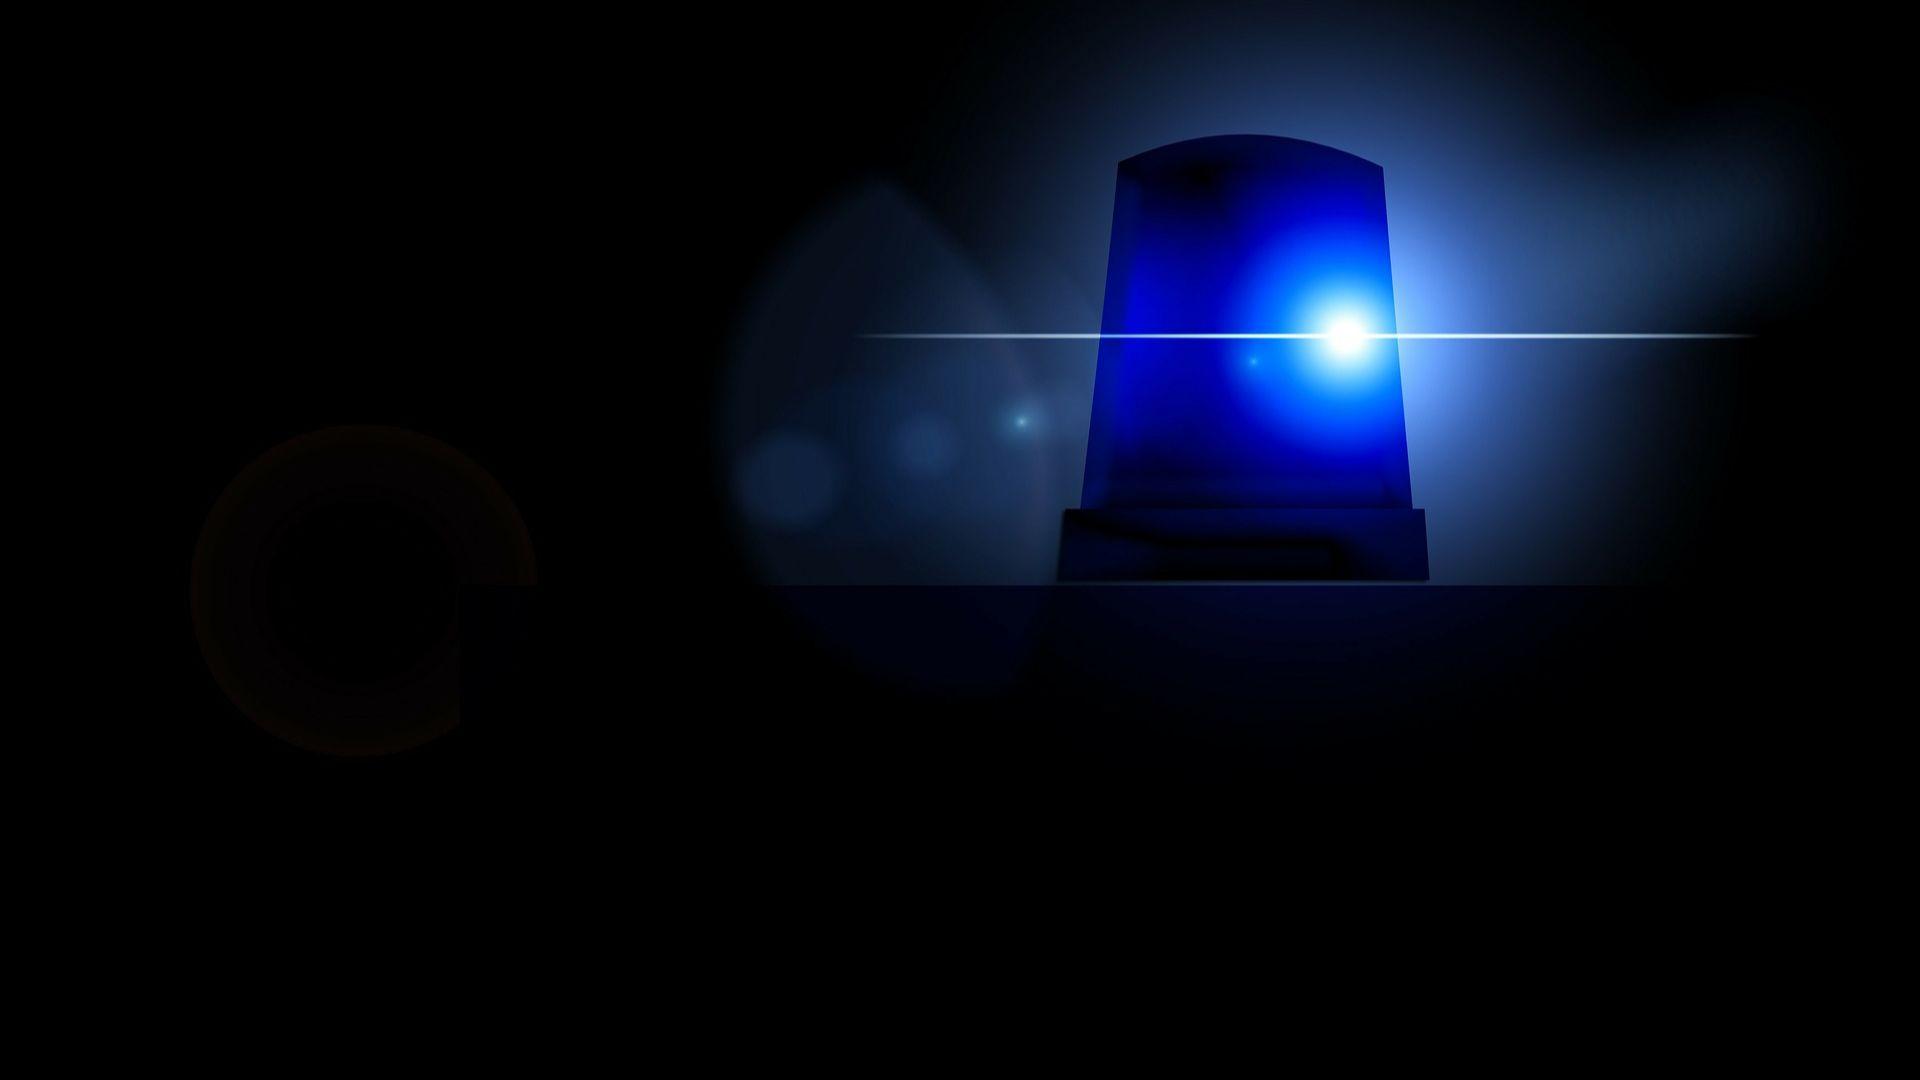 32-jähriger soll Überfall vorgetäuscht haben-Image